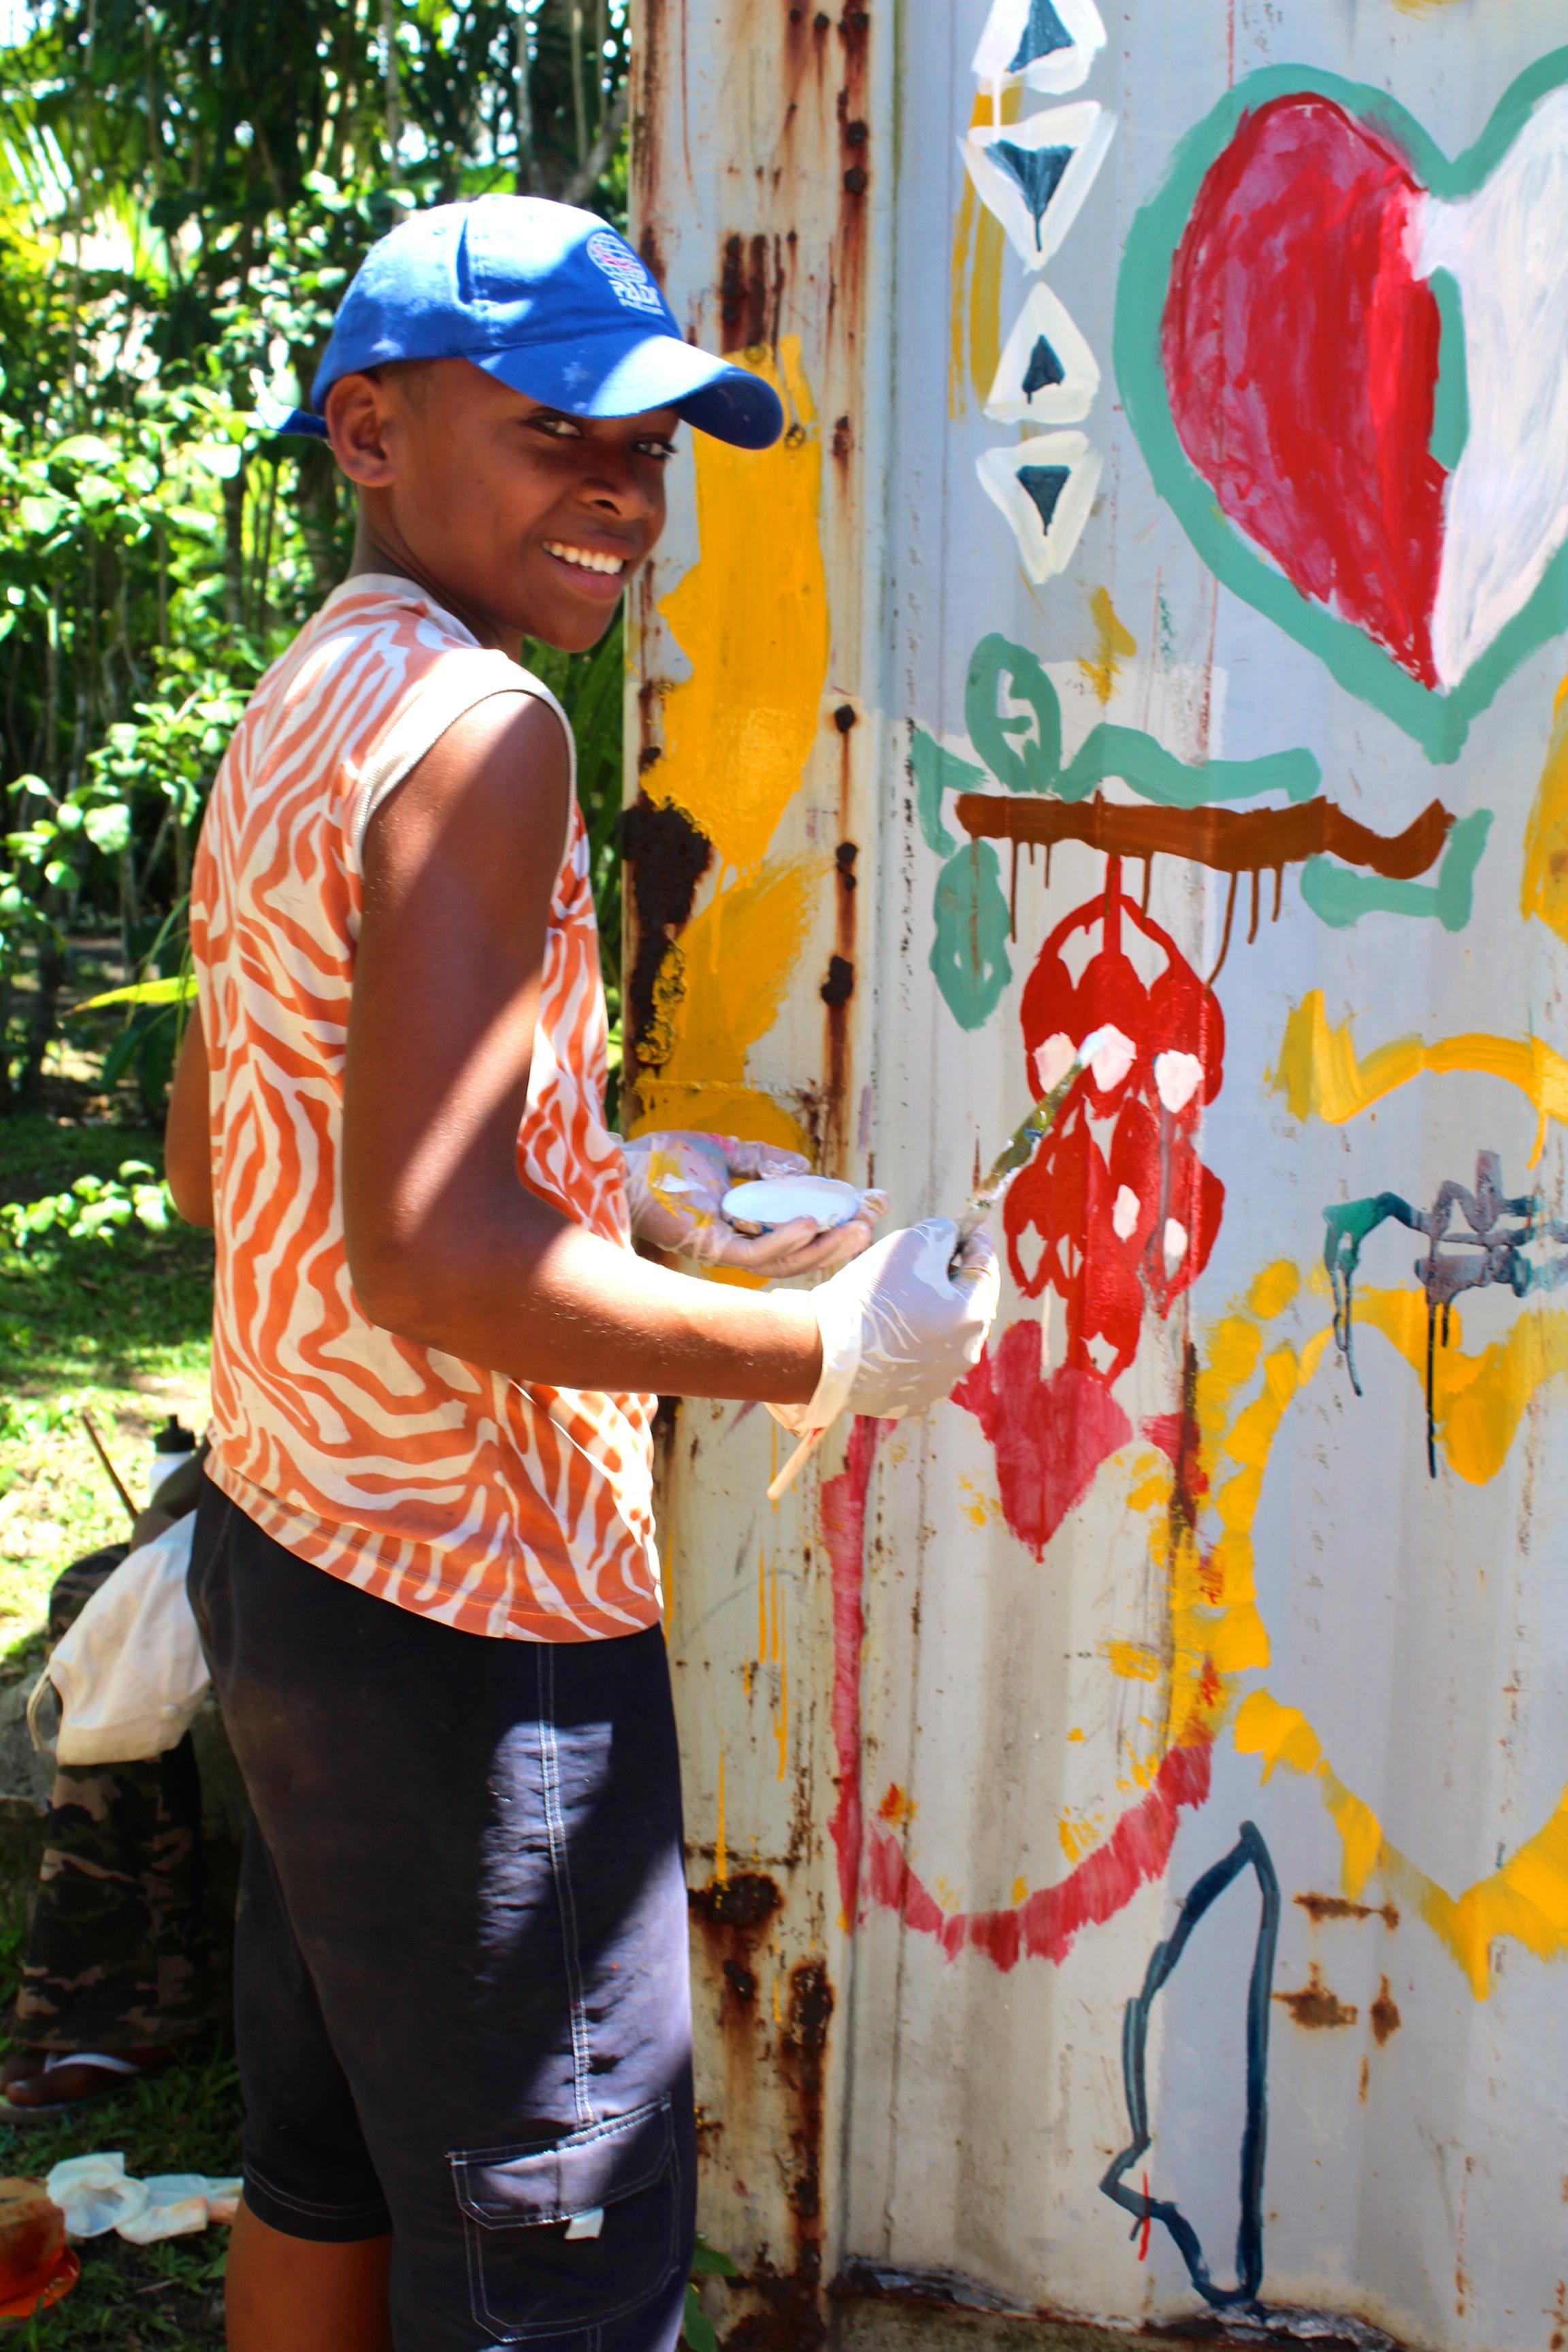 Painting Tagimoucias